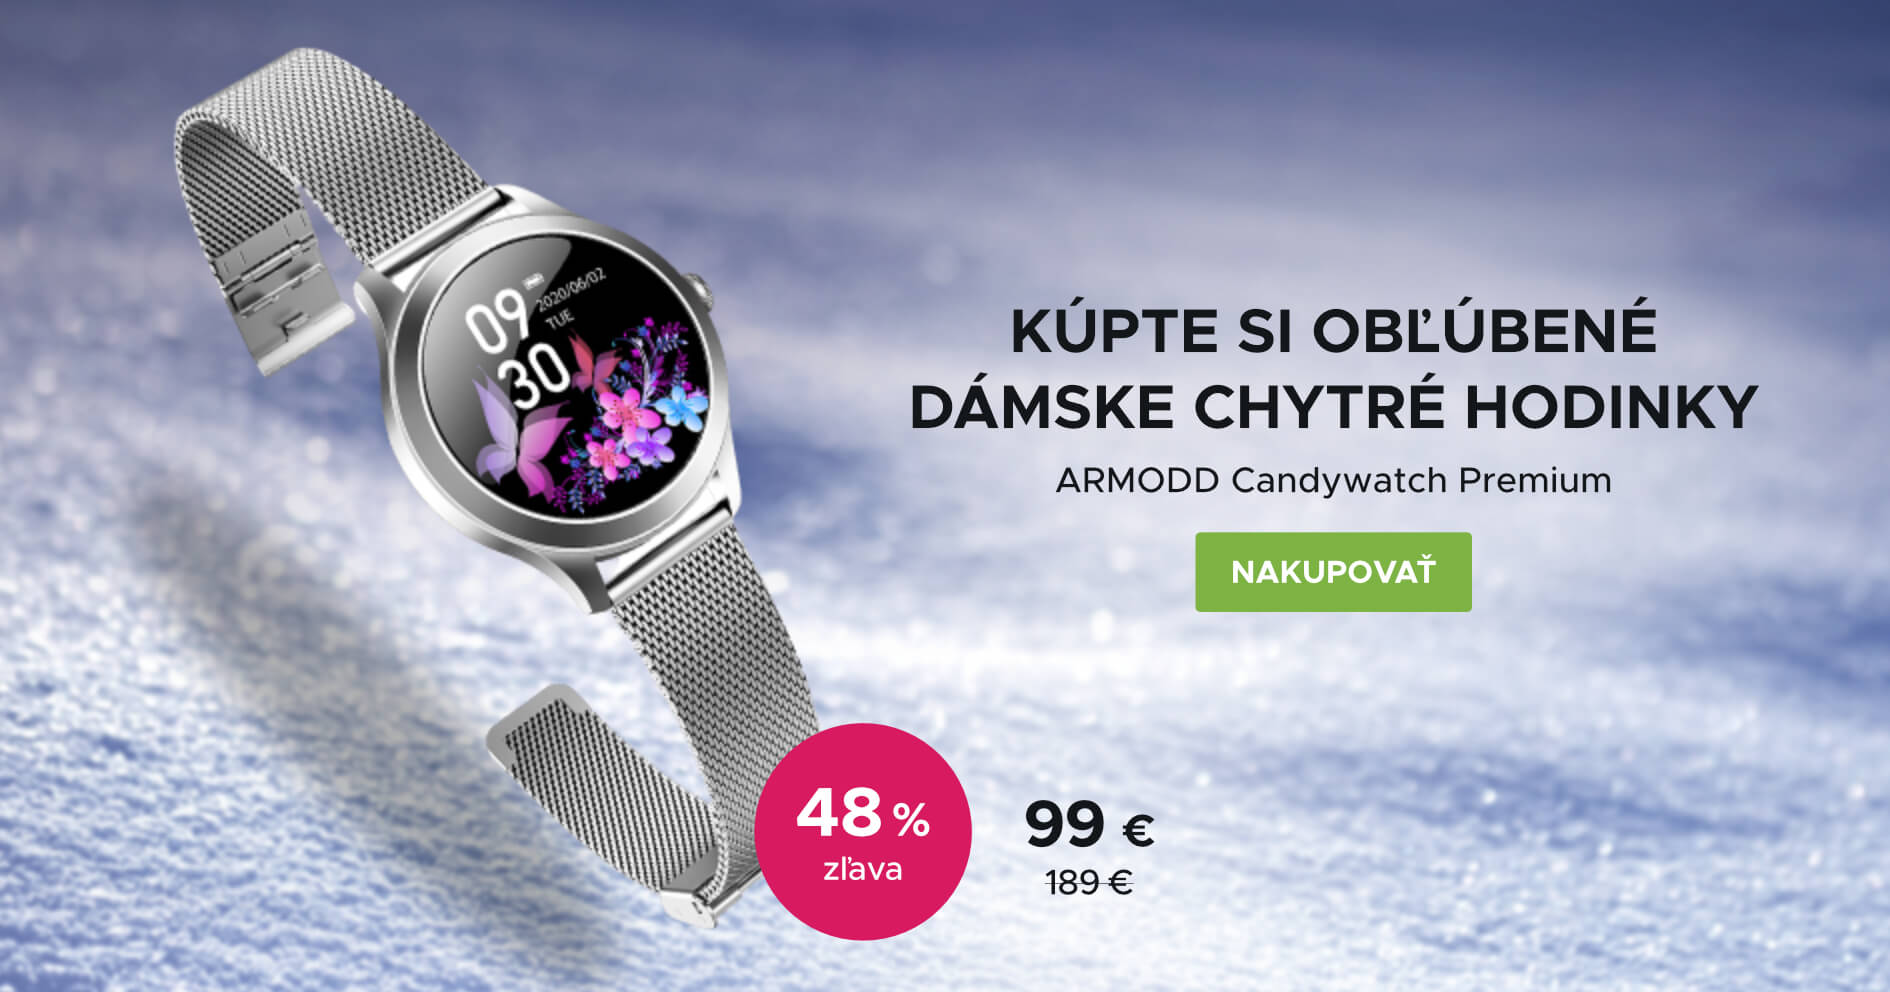 Biely február: ARMODD Candywatch Premium - stříbrná